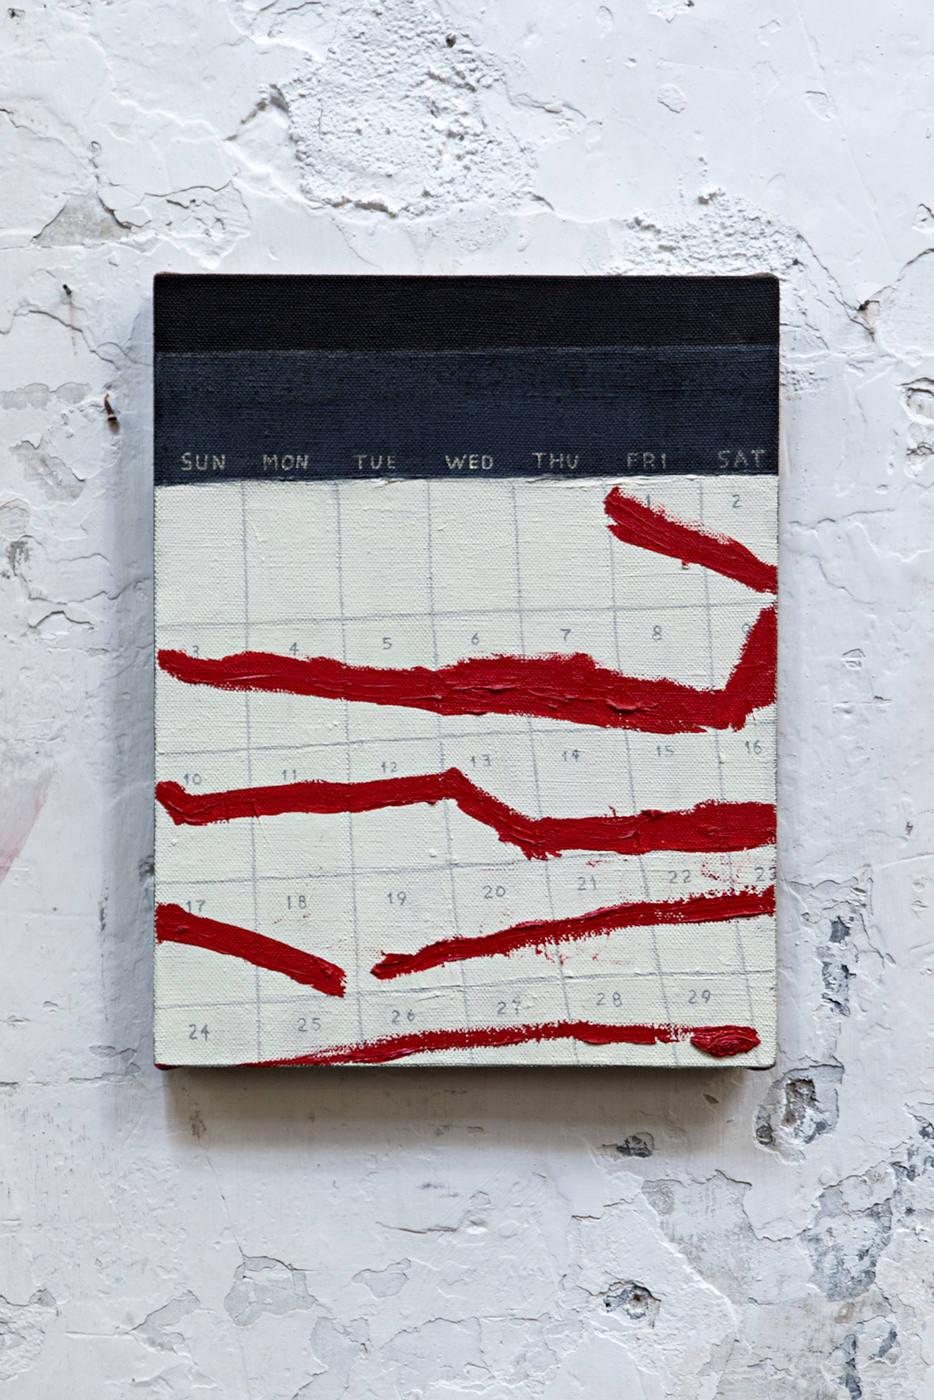 7. Leidy Churchman, Calendar, 2014